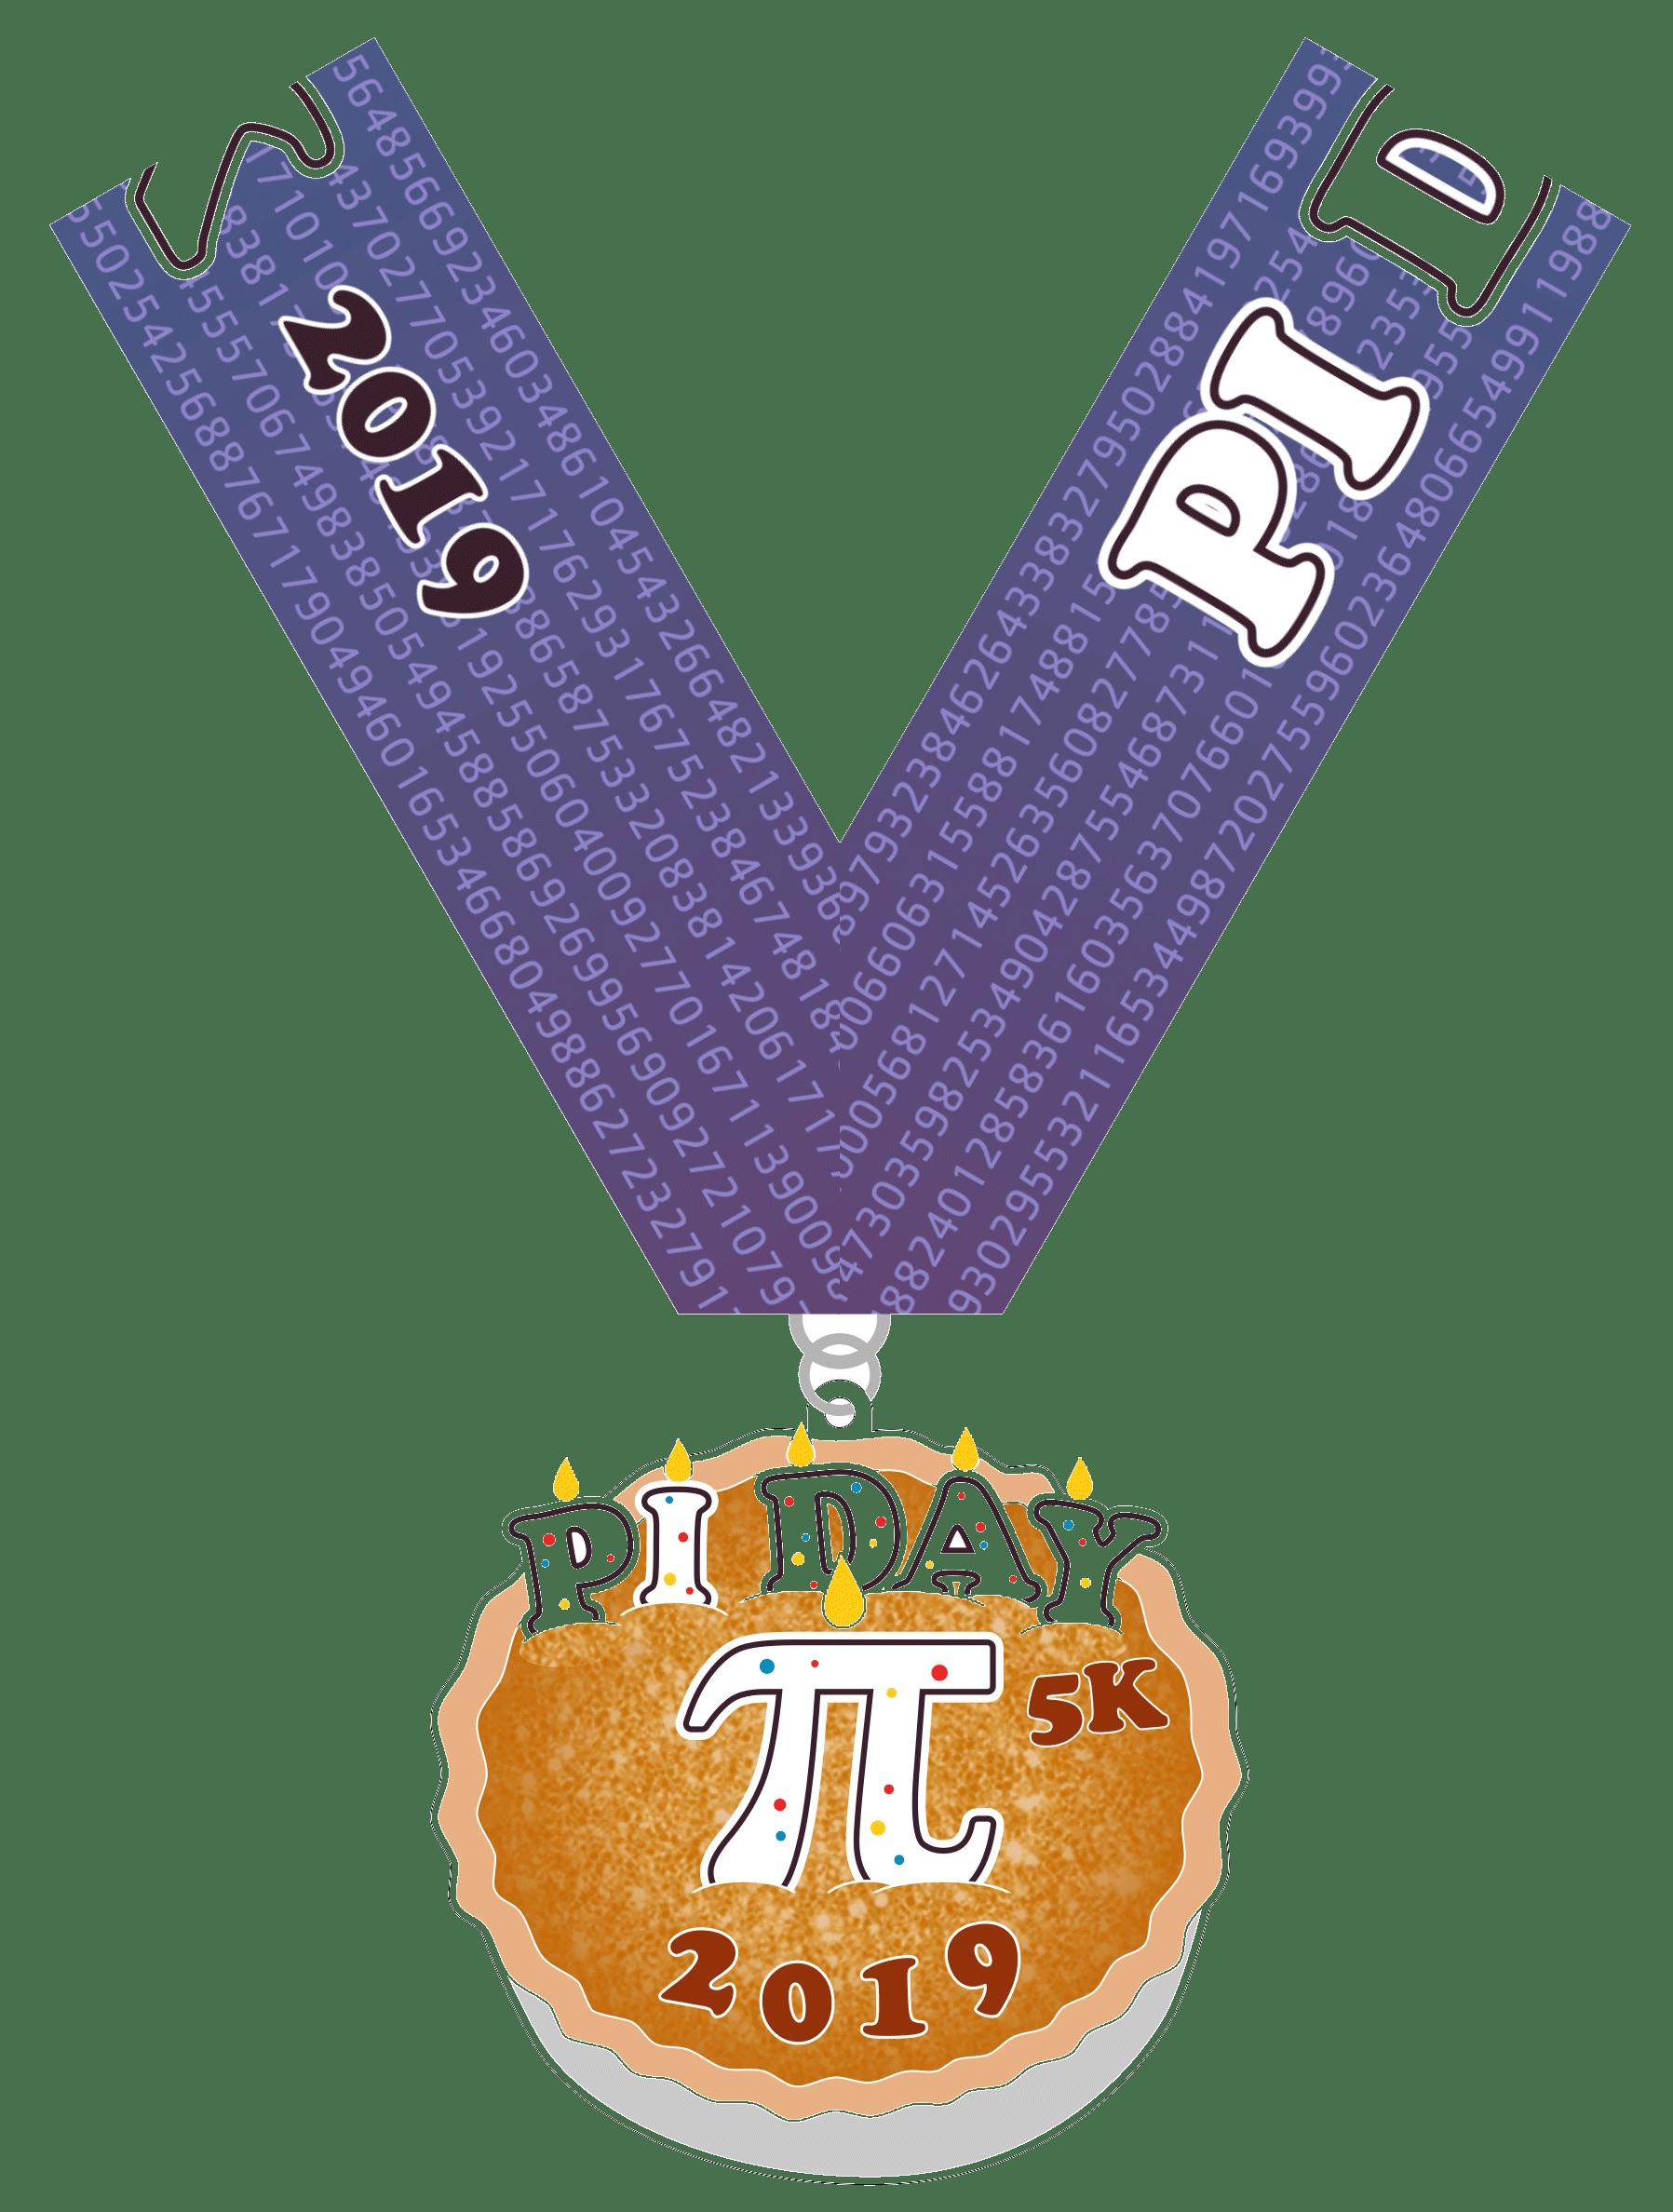 2019 Pi Day 5K -Scottsdale